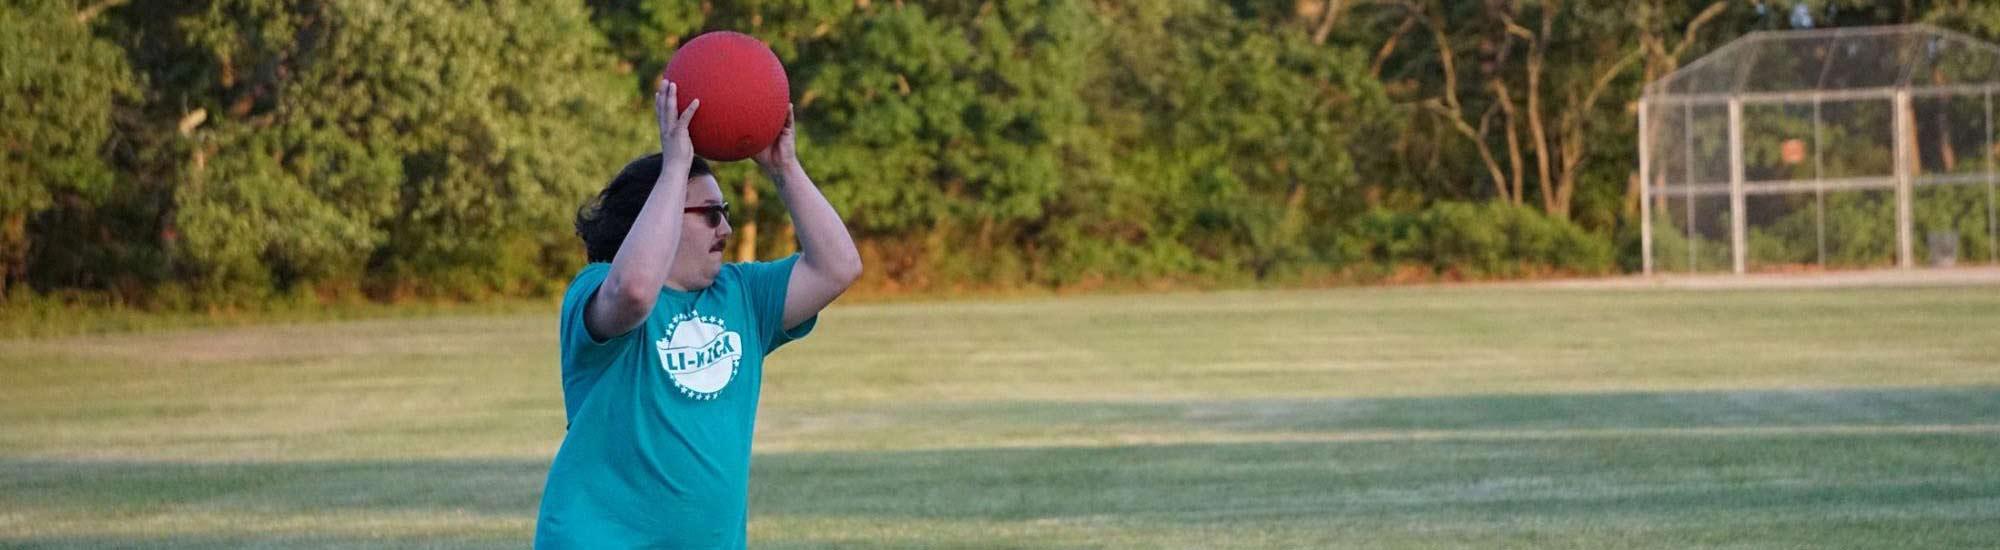 Summer Kickball East Islip                     Wednesday